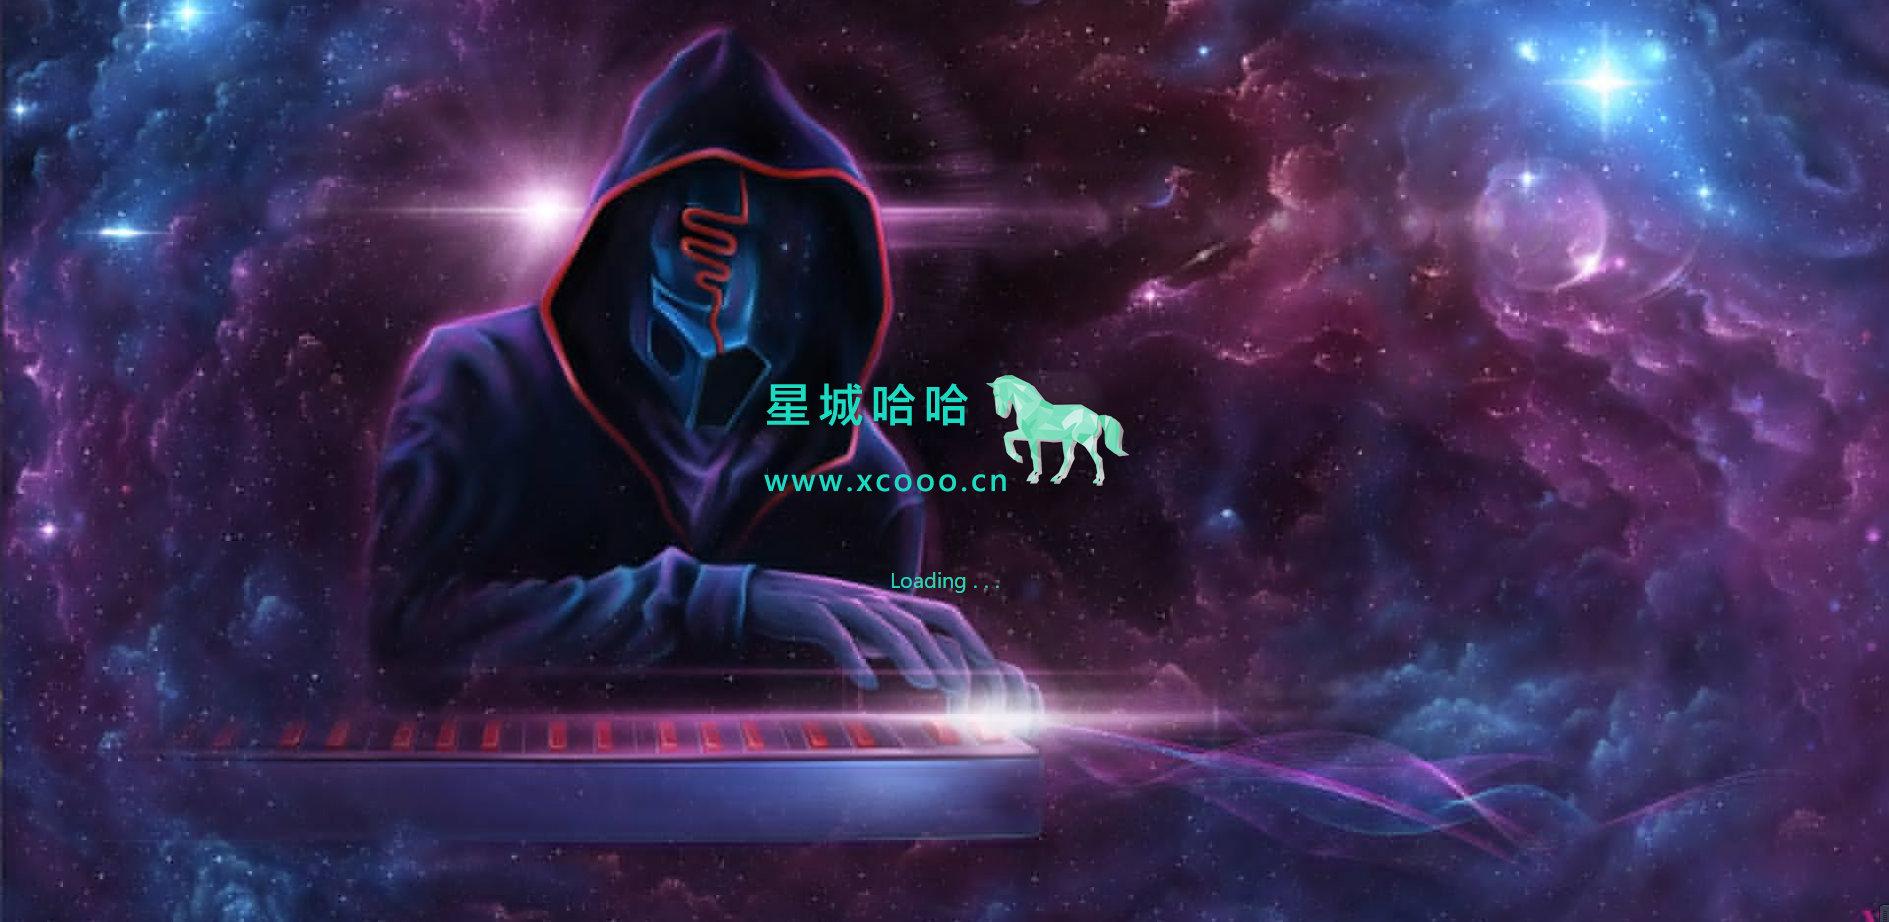 高端炫酷建站官网